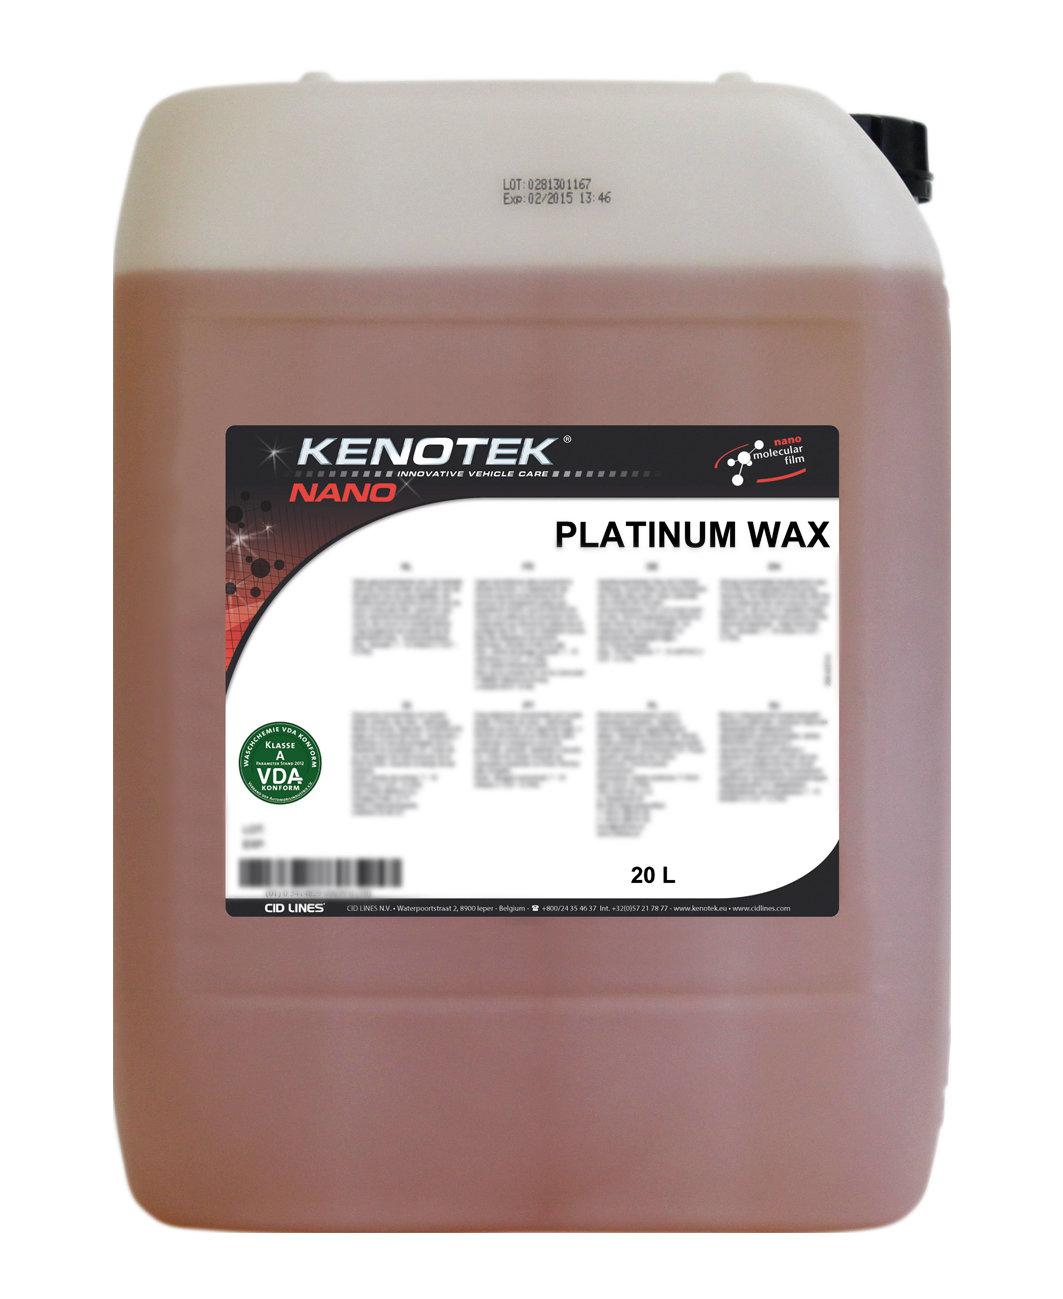 Kenotek Platinum Wax, inhoud: 20 L